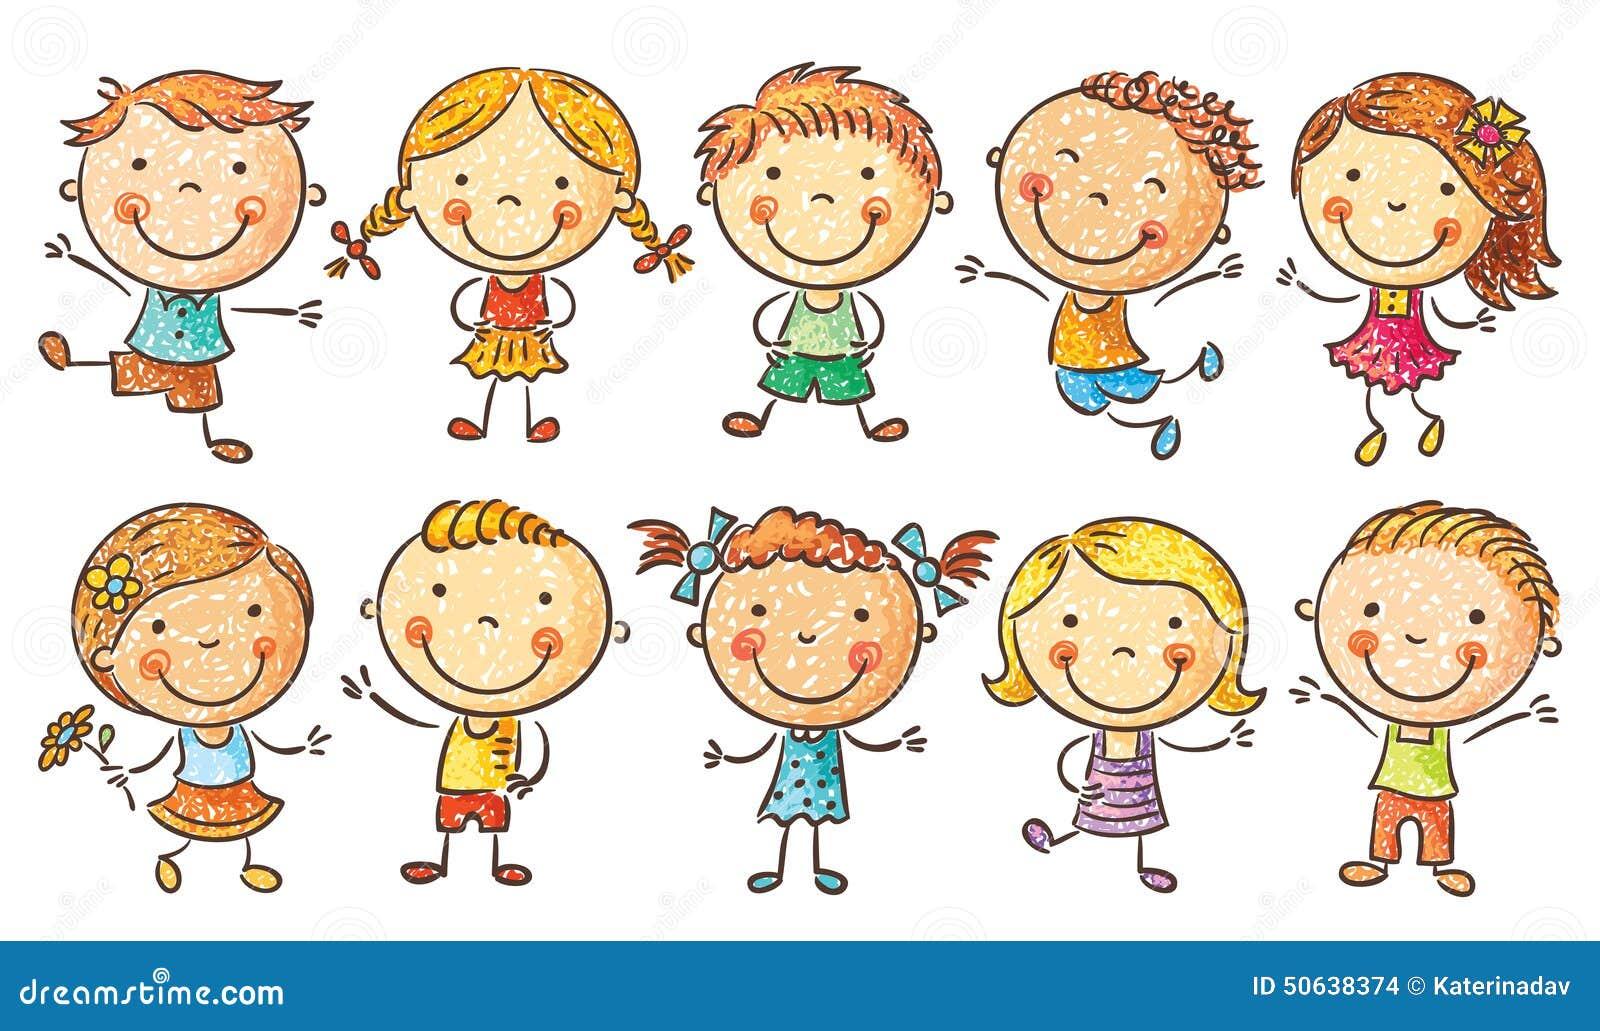 ten happy cartoon kids stock images - Cartoon Pictures Of Kids